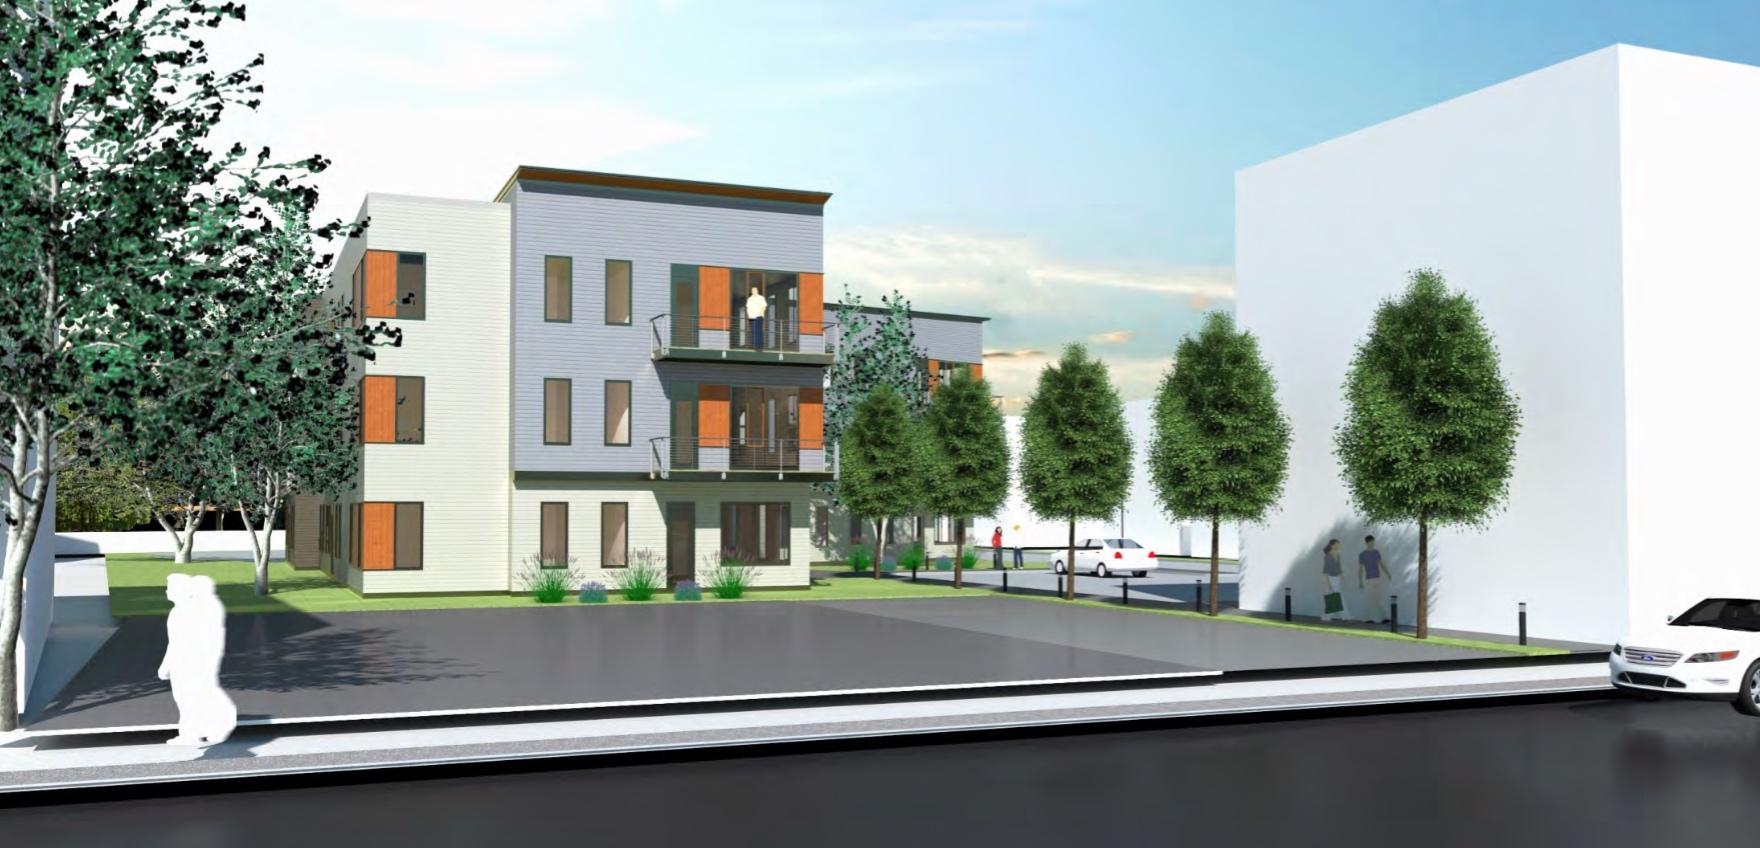 8 banton street apartments dorchester dot avenue ashmont mbta red line connelly construction development spalding tougias architects inc 1